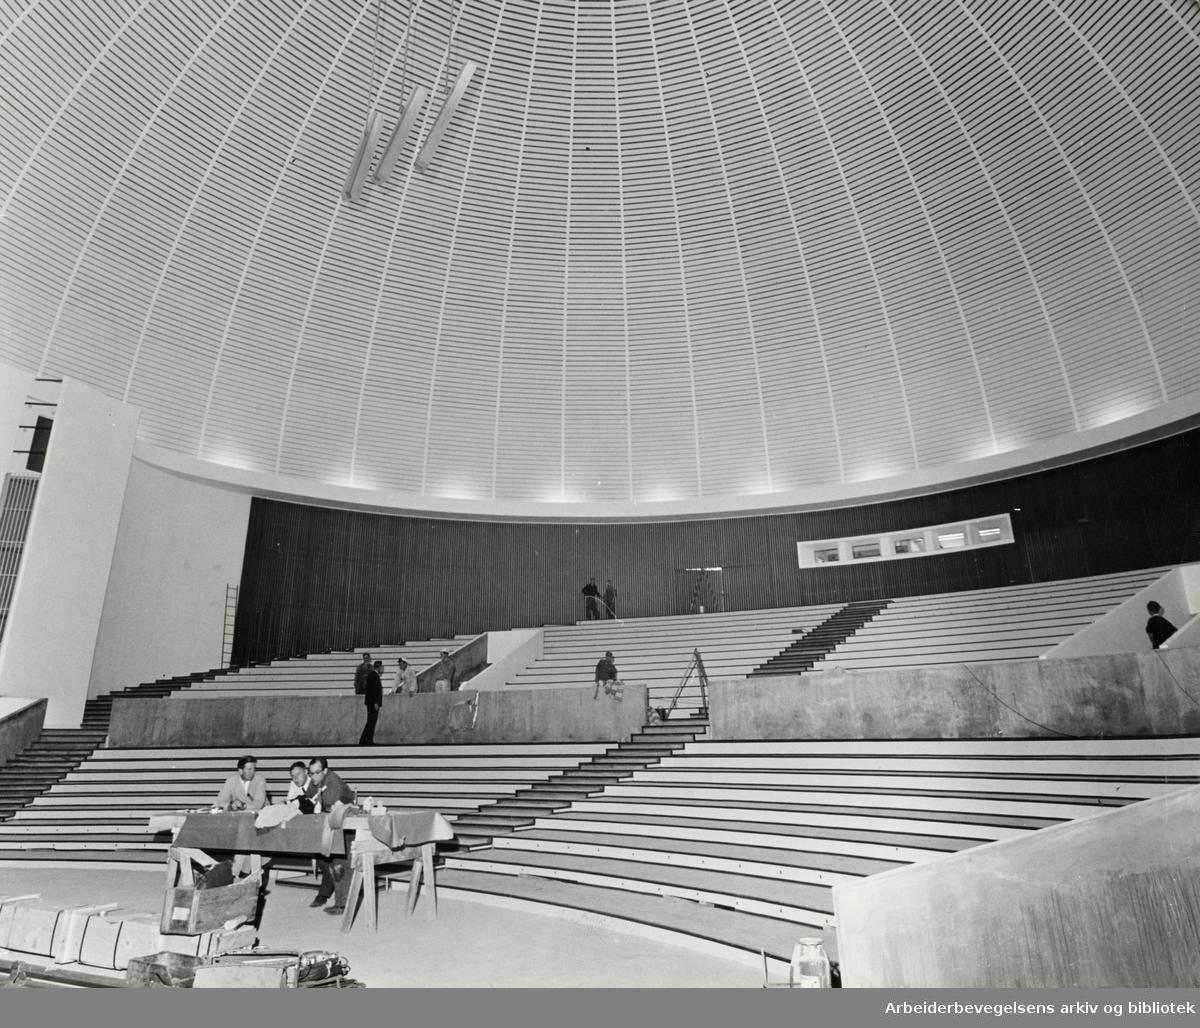 Colosseum kino. Snart ferdigstilt etter brannen.1964